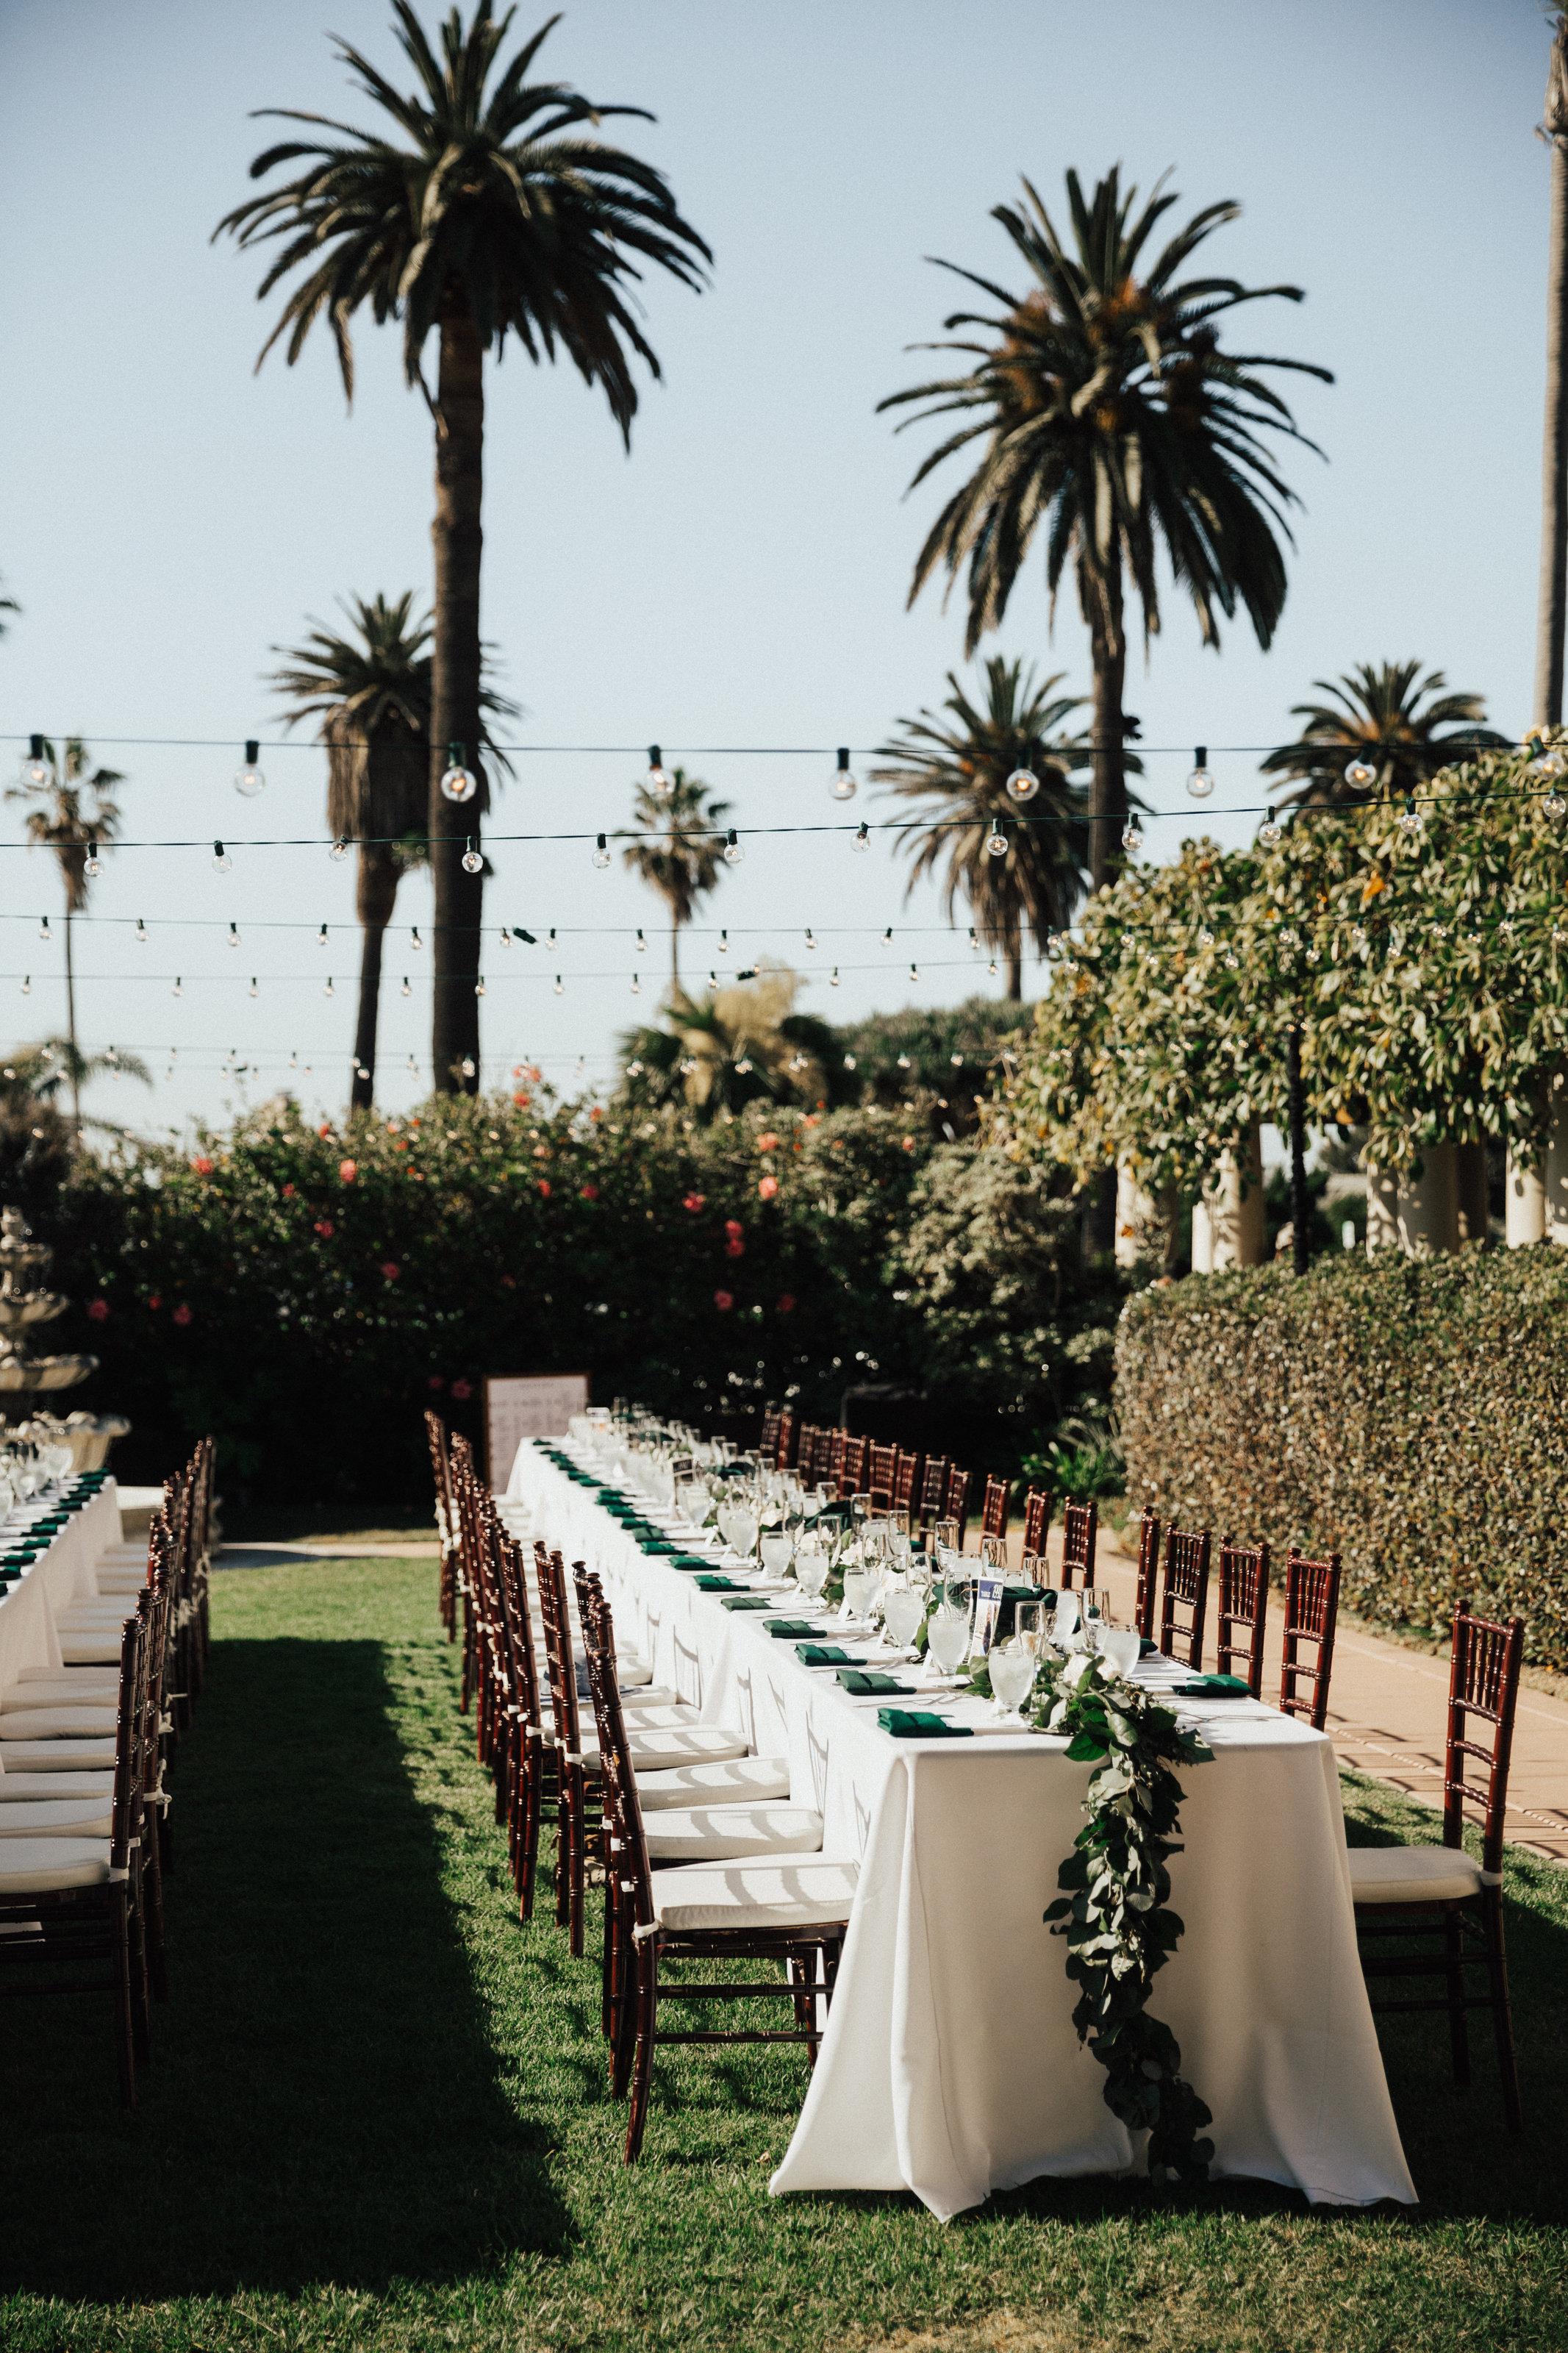 Saramaya Zach-Saramaya Zach wedding-0009.jpg